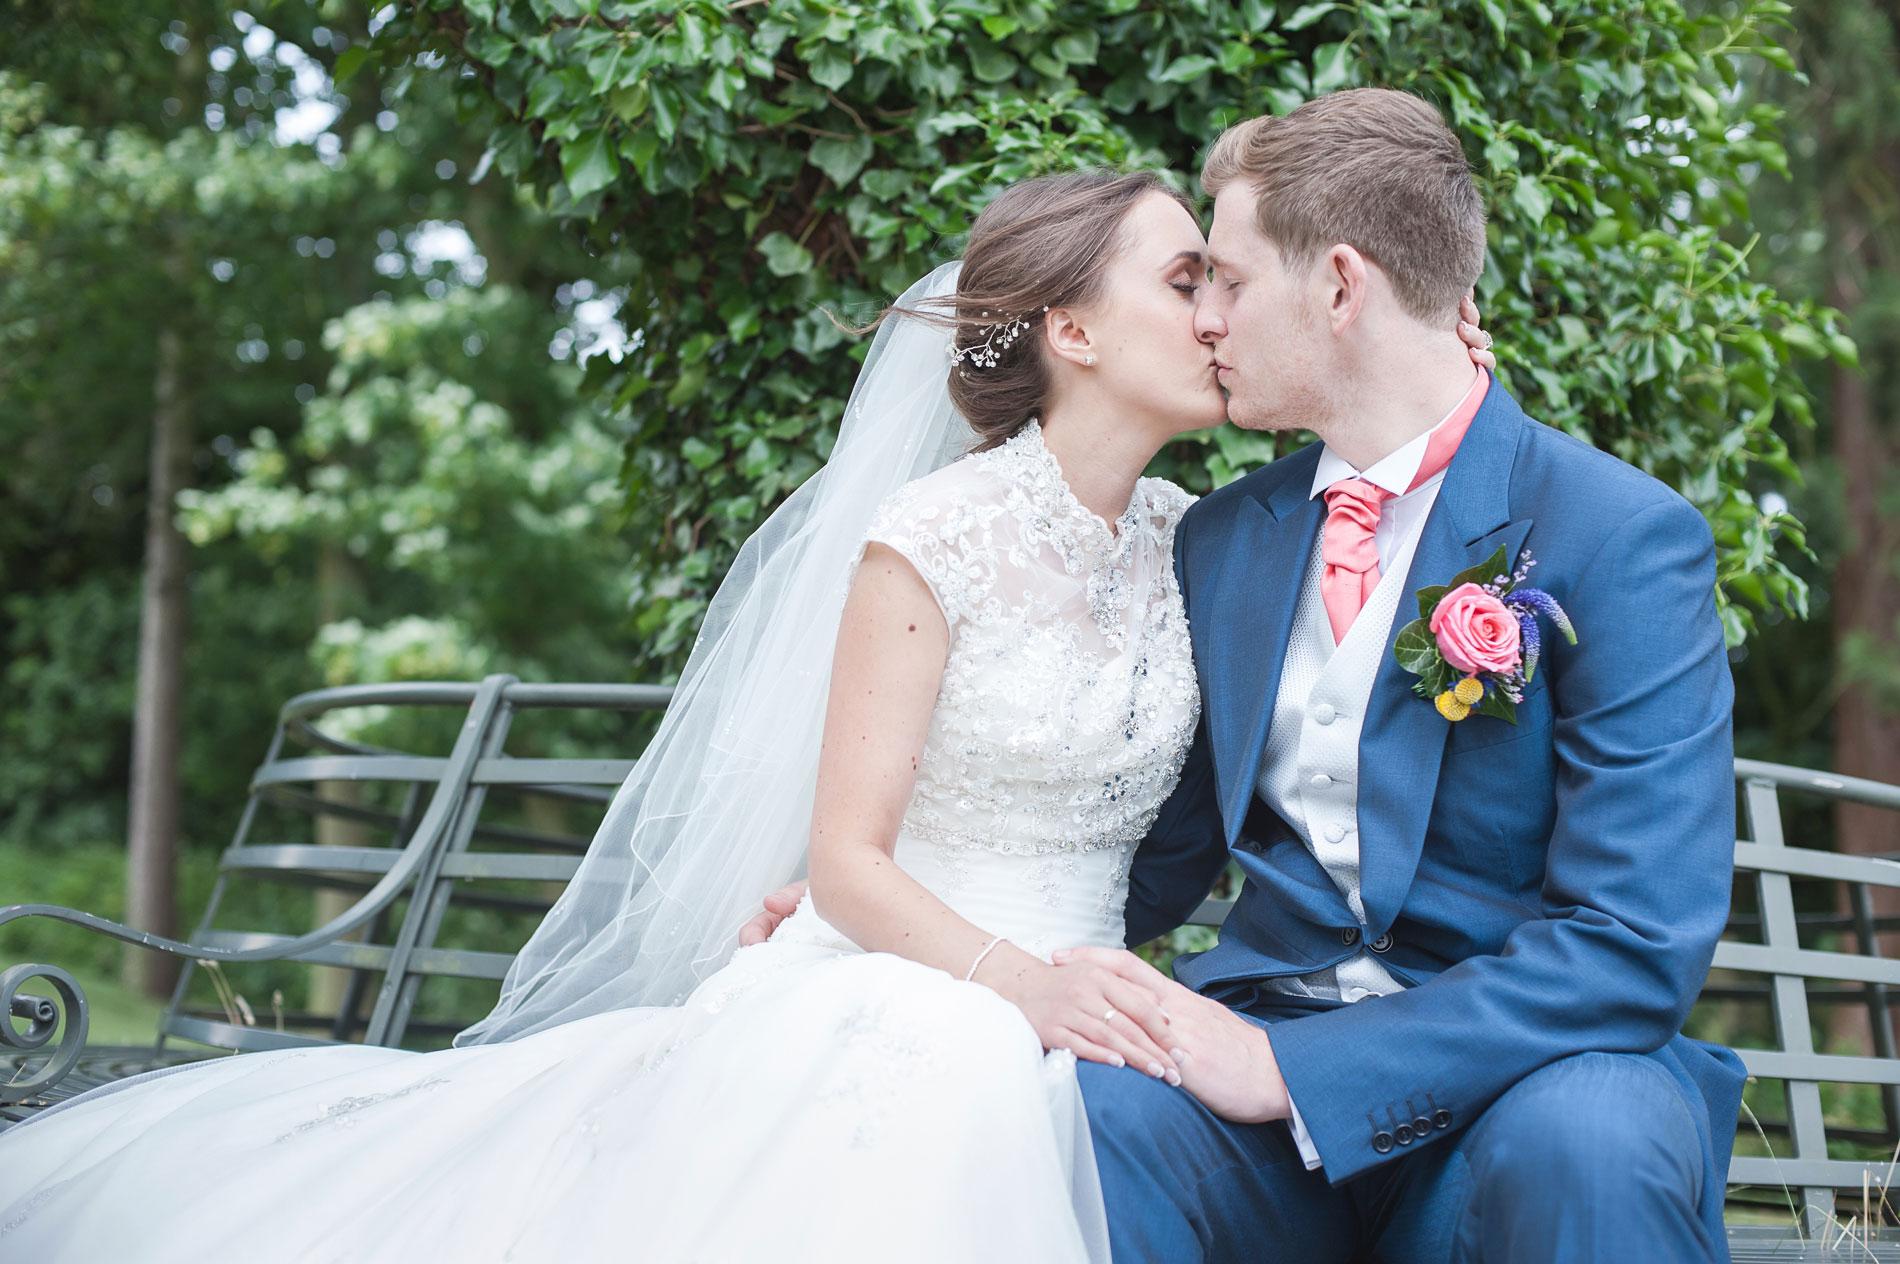 Kilworth-weddings-_37.jpg